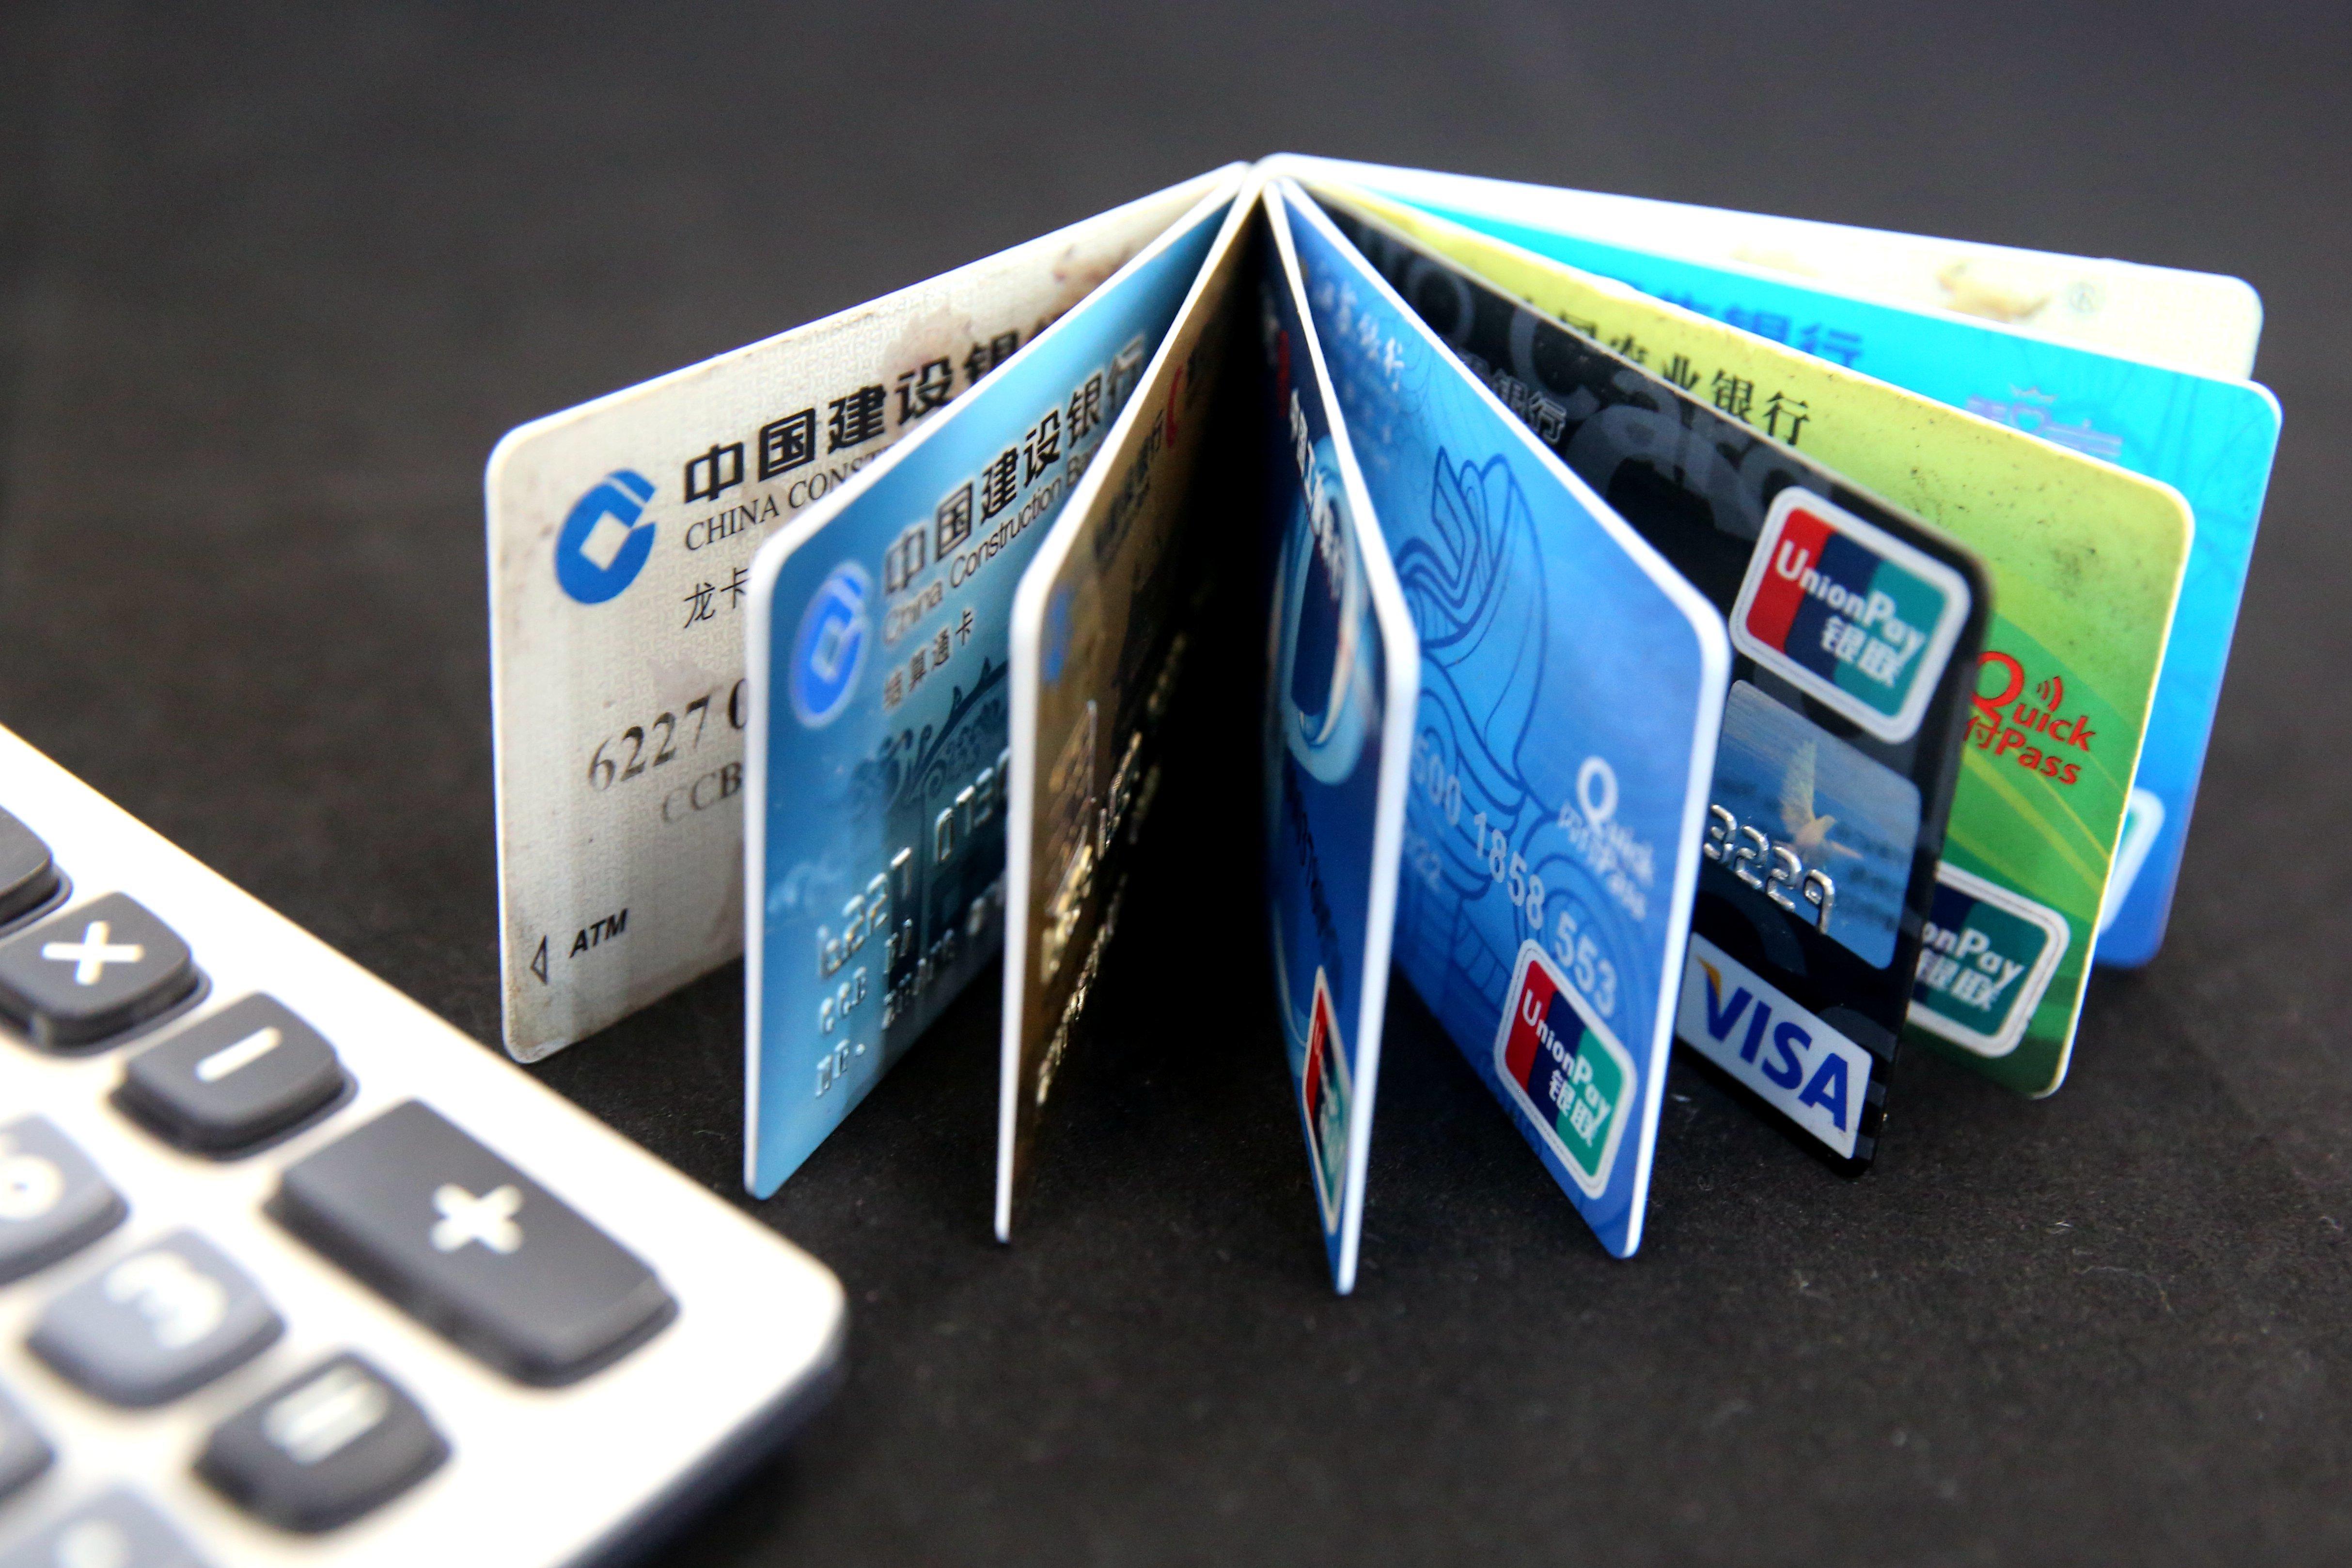 半年一提,这个方发绝了,我的中行信用卡从2w提到了13w!